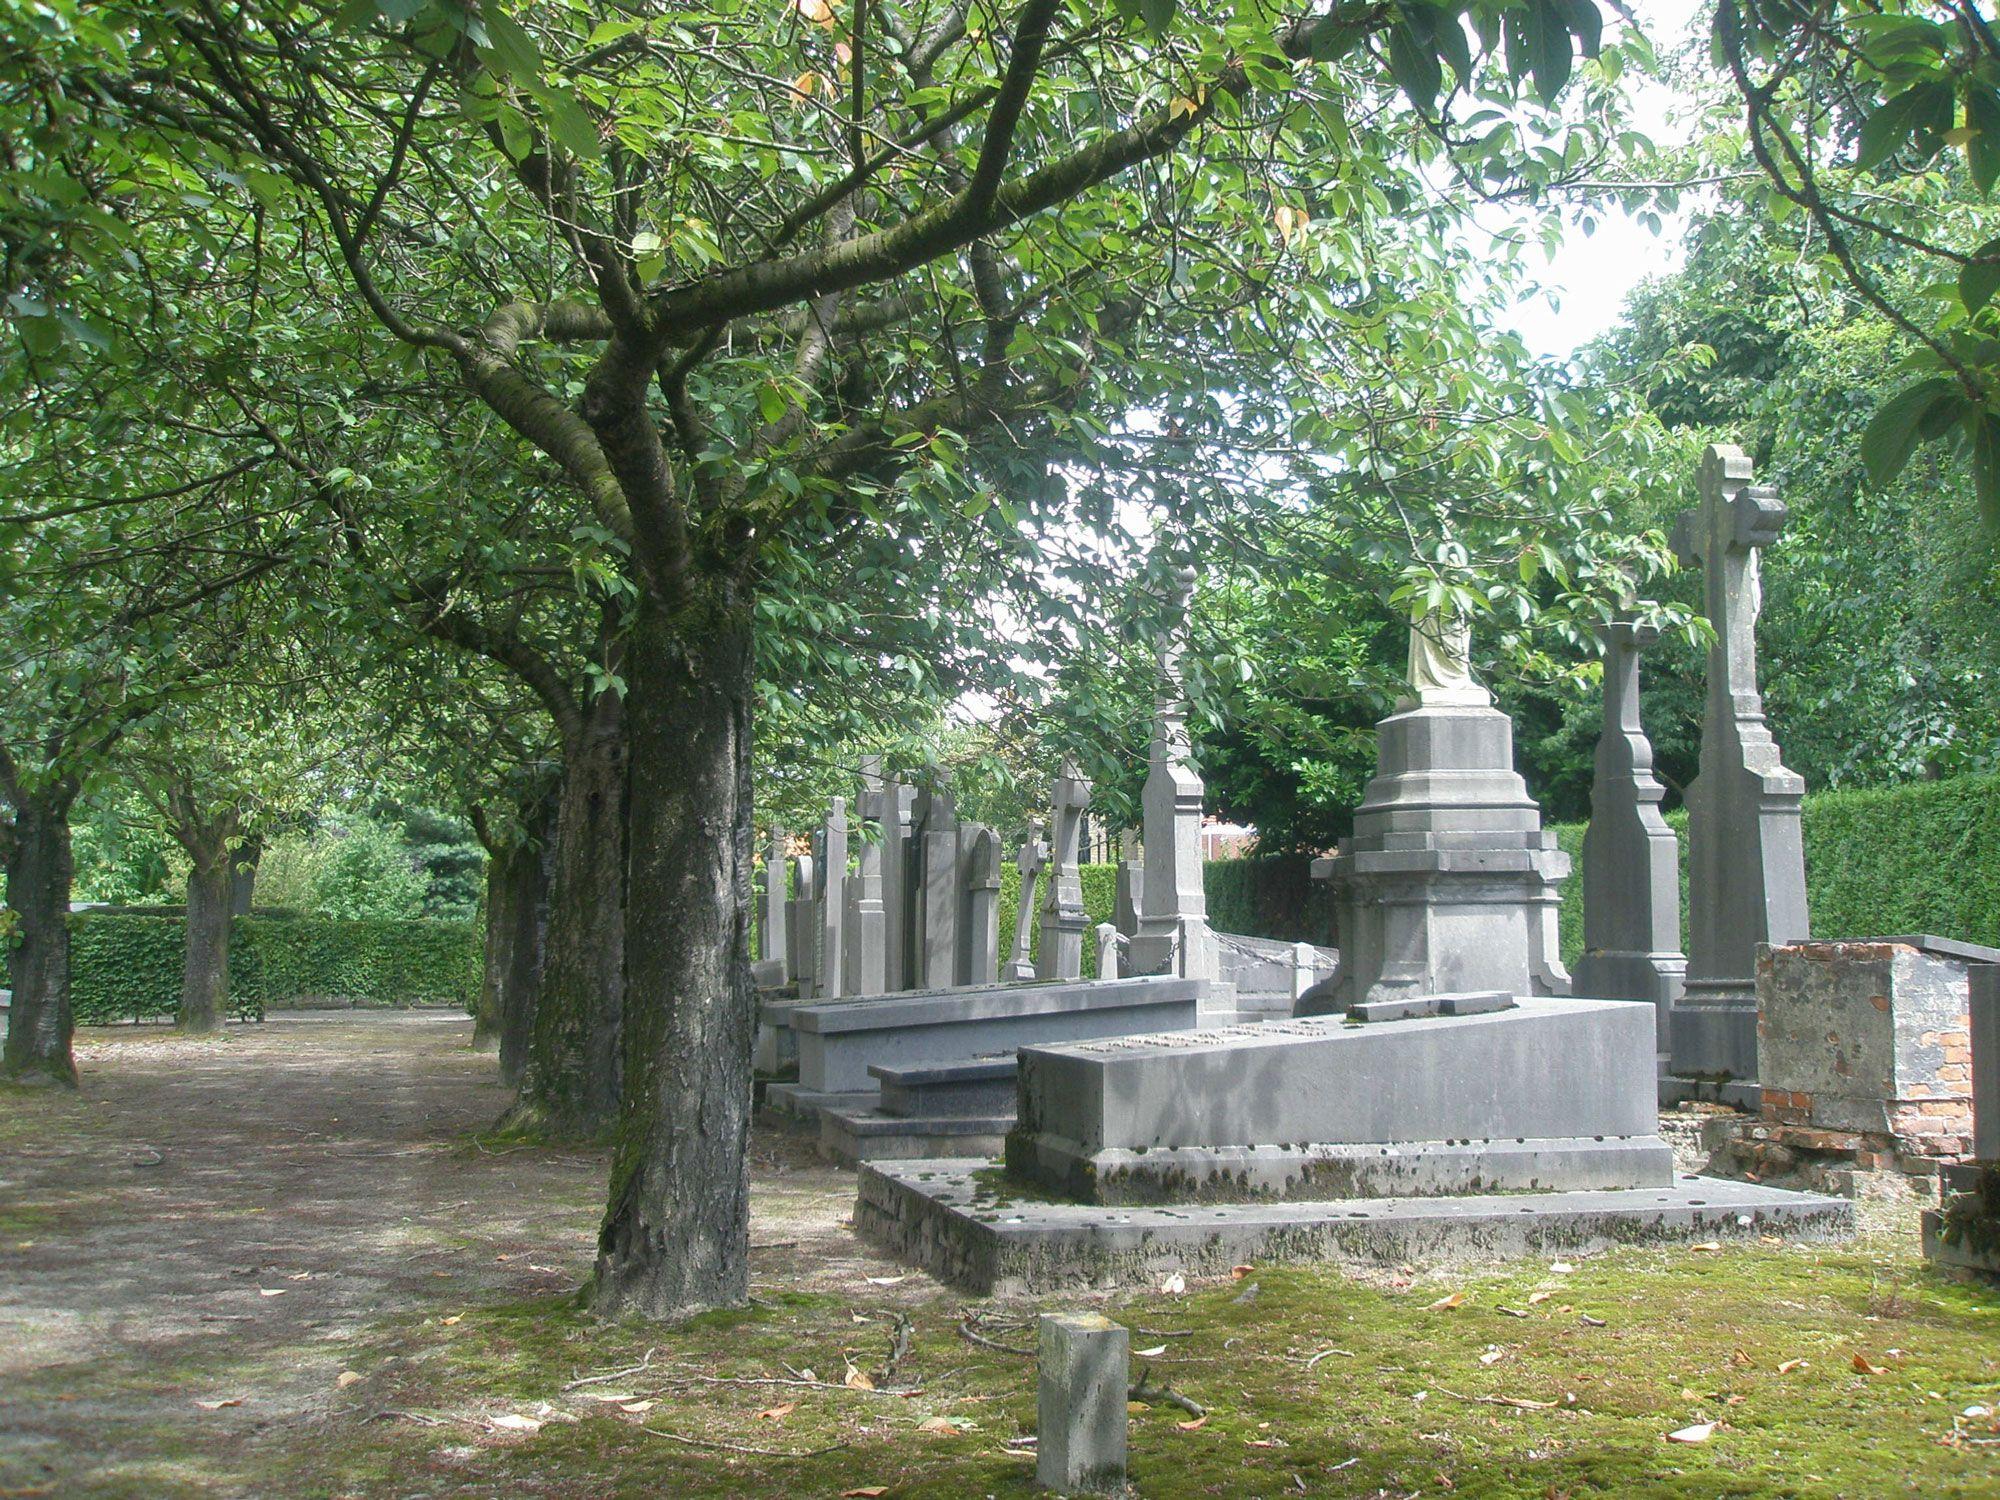 De monumentale praalgraven zijn gelegen achter een fraaie rij sierkersen.